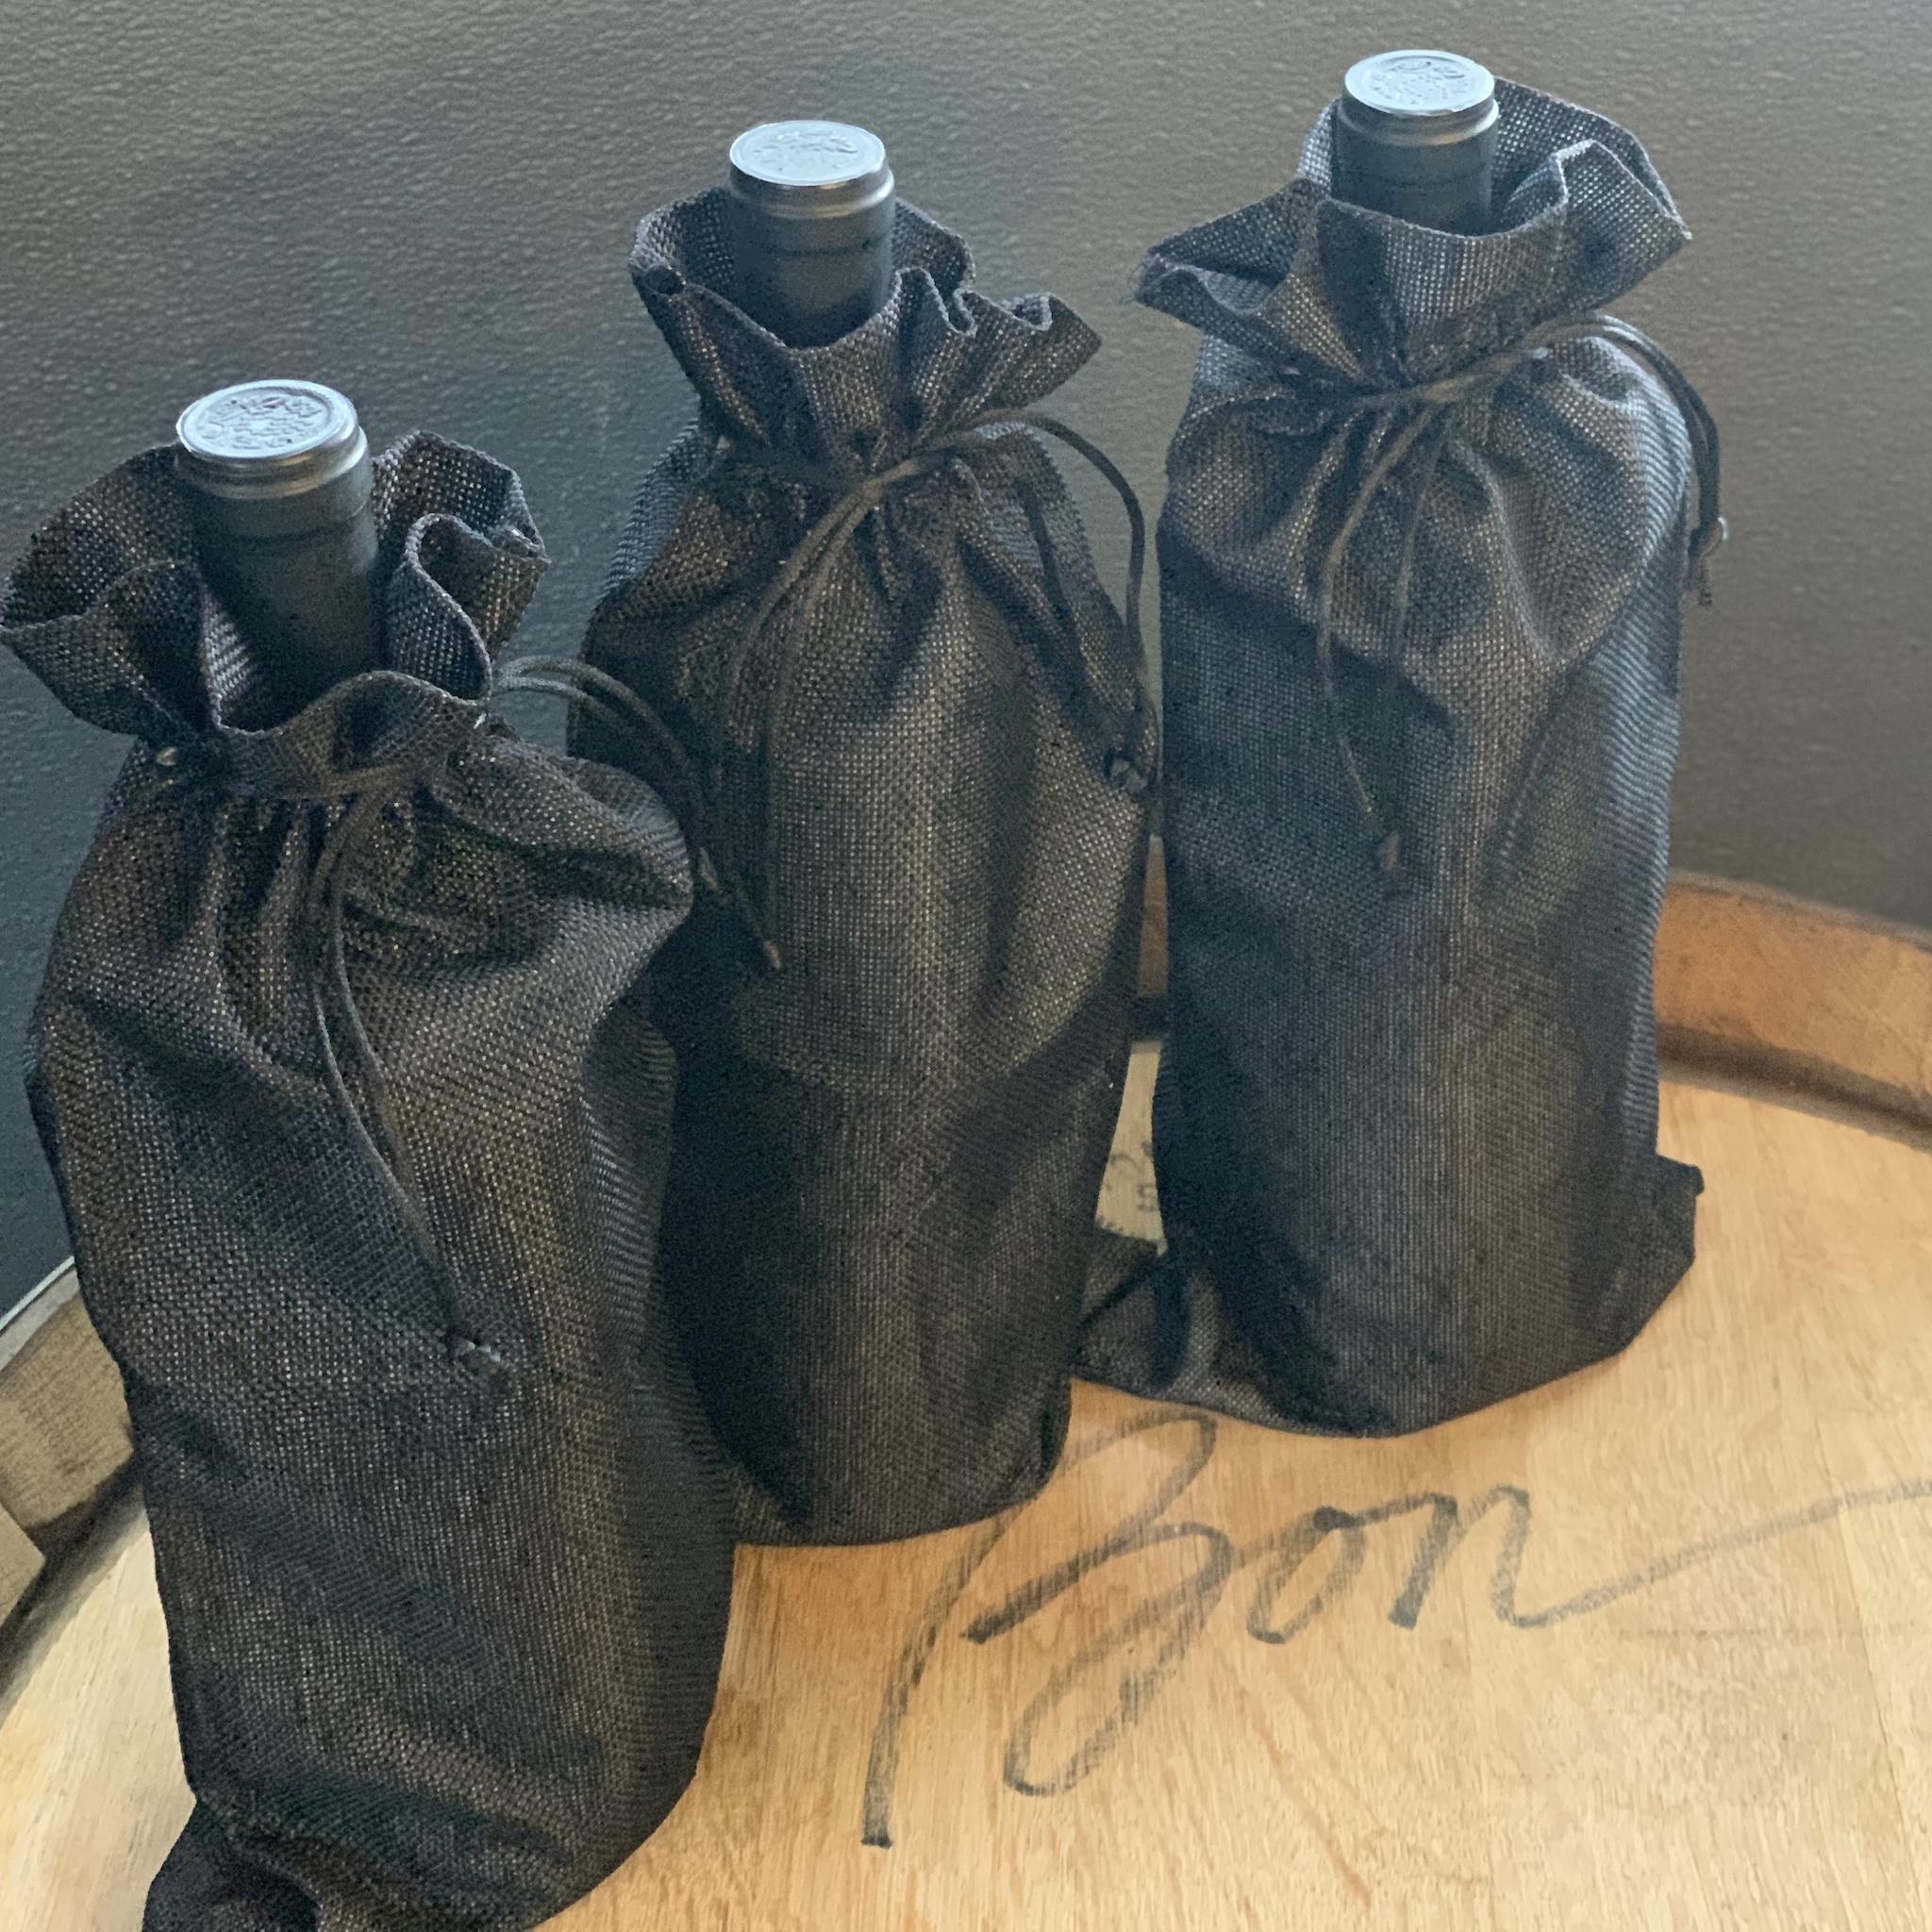 Blind Wine Tasting Set bottle